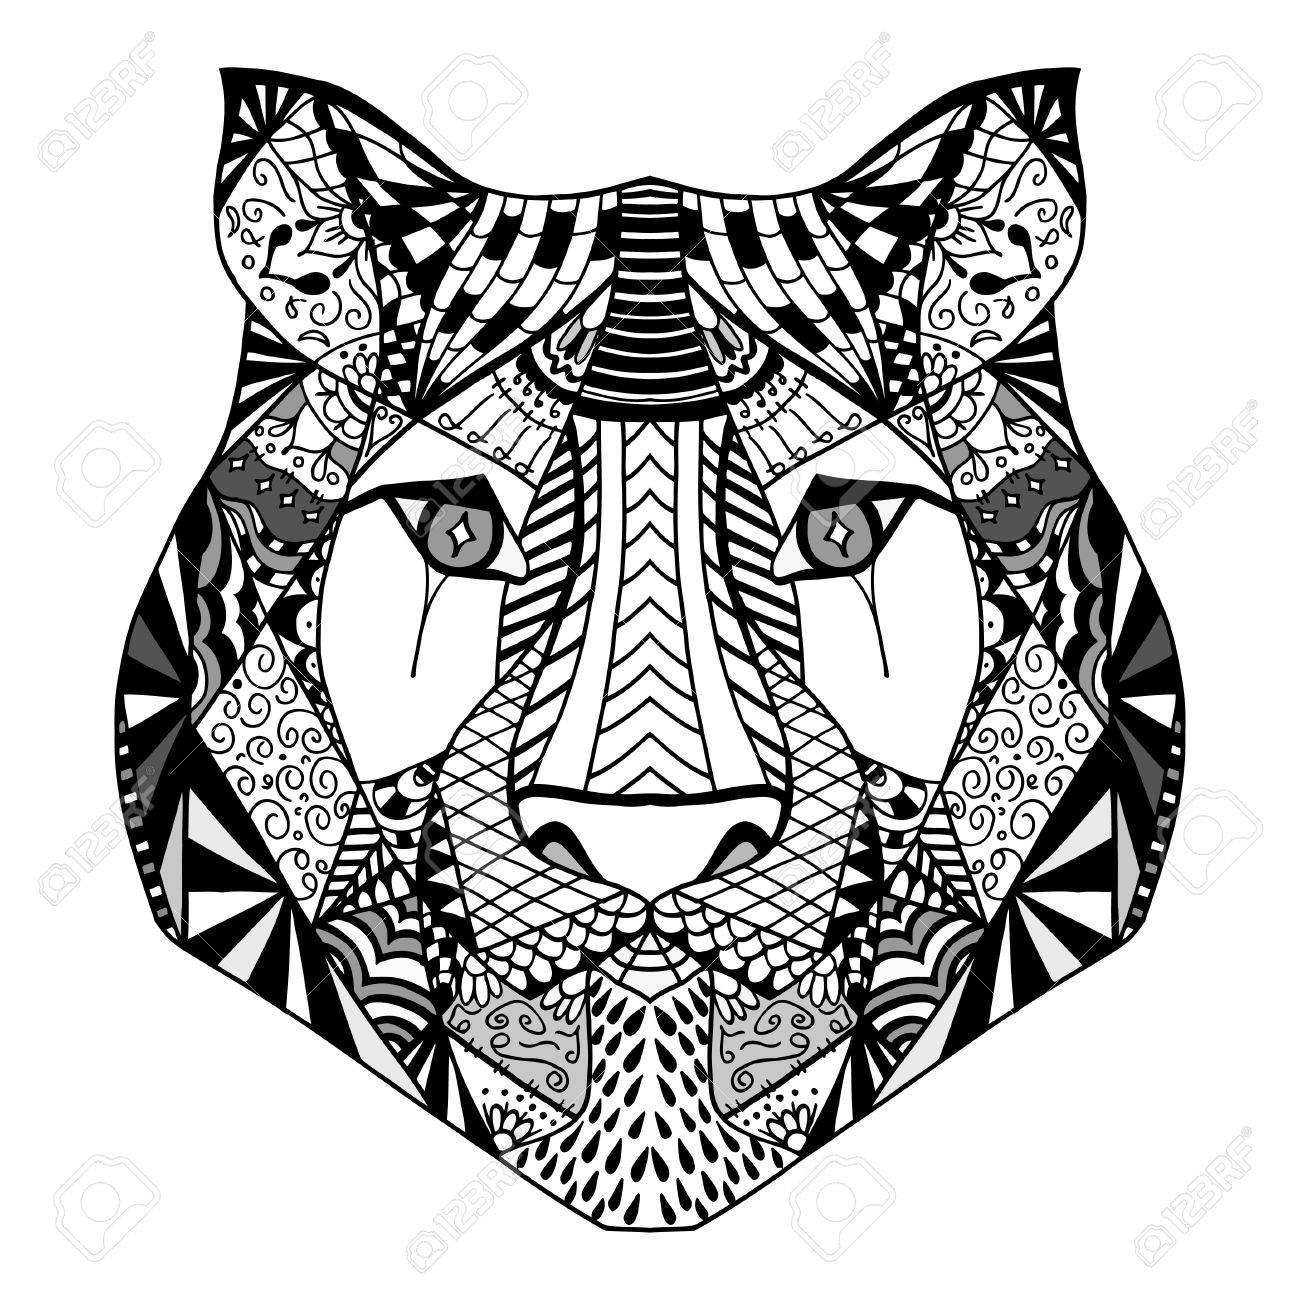 Tiger Kopf Erwachsene Antistress Malvorlagen Schwarz Weiße Hand